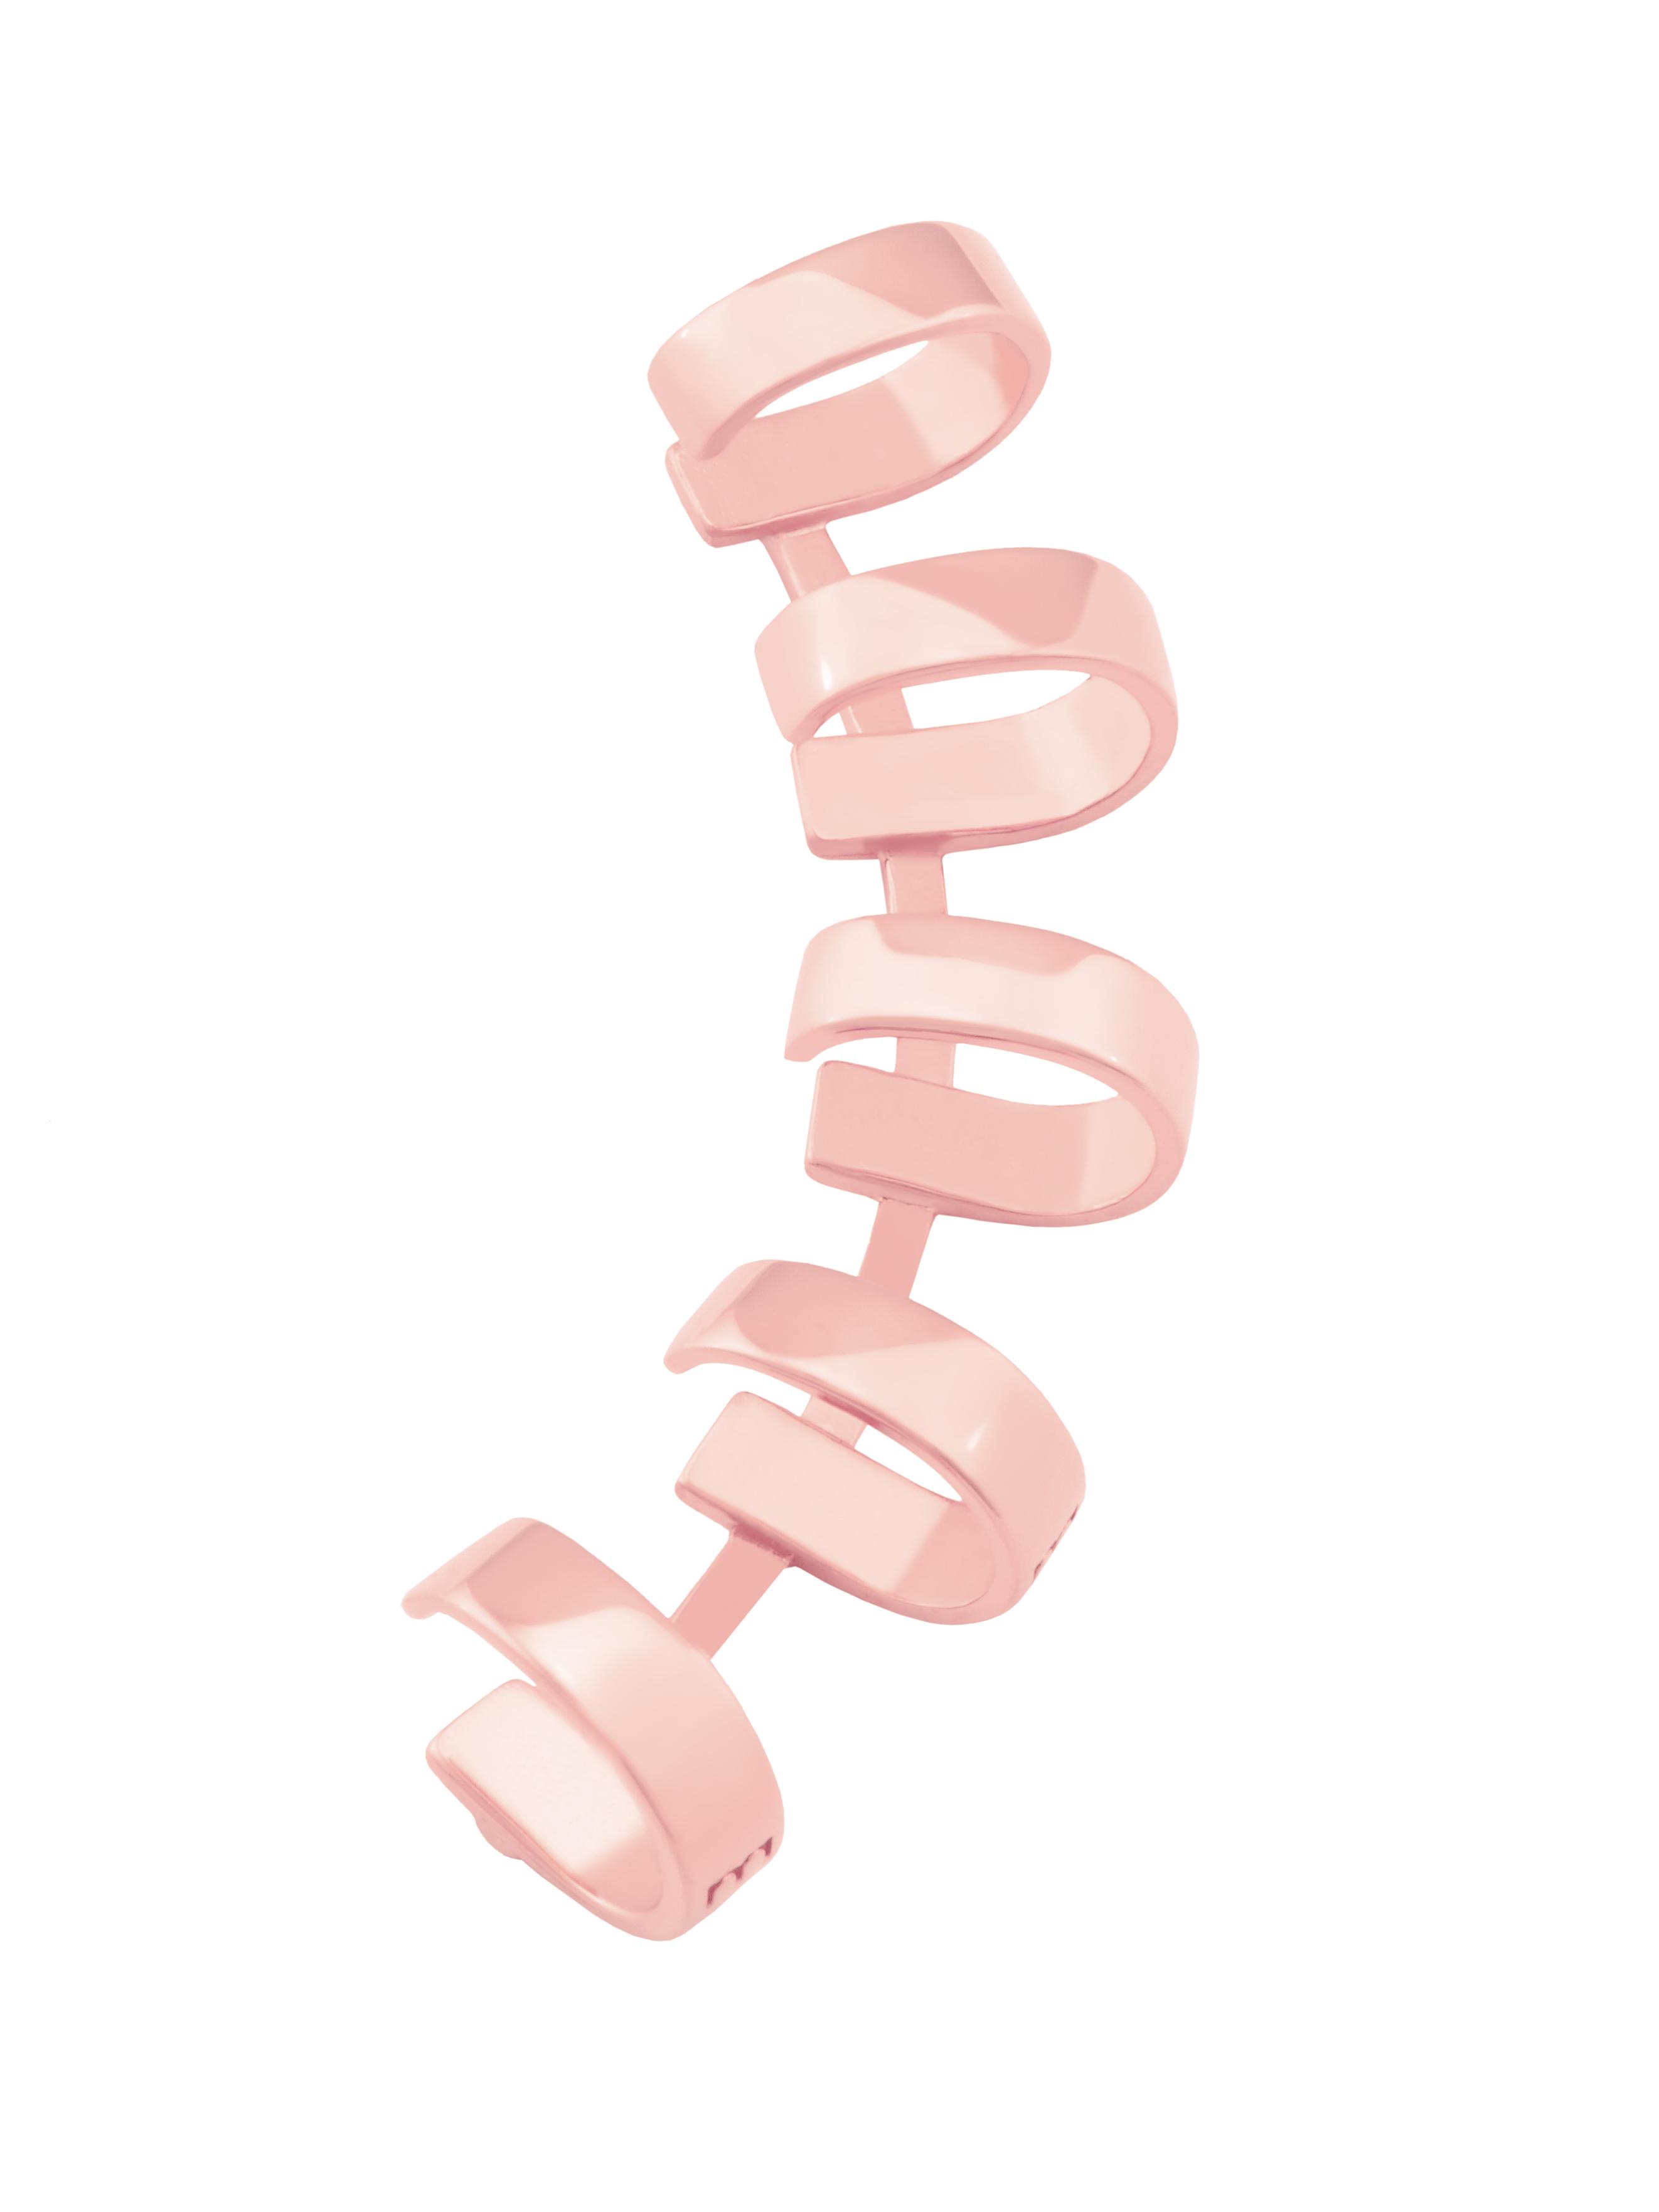 Nausznica z kółkami me4 rose gold różowe złoto minimalistyczna biżuteria moie